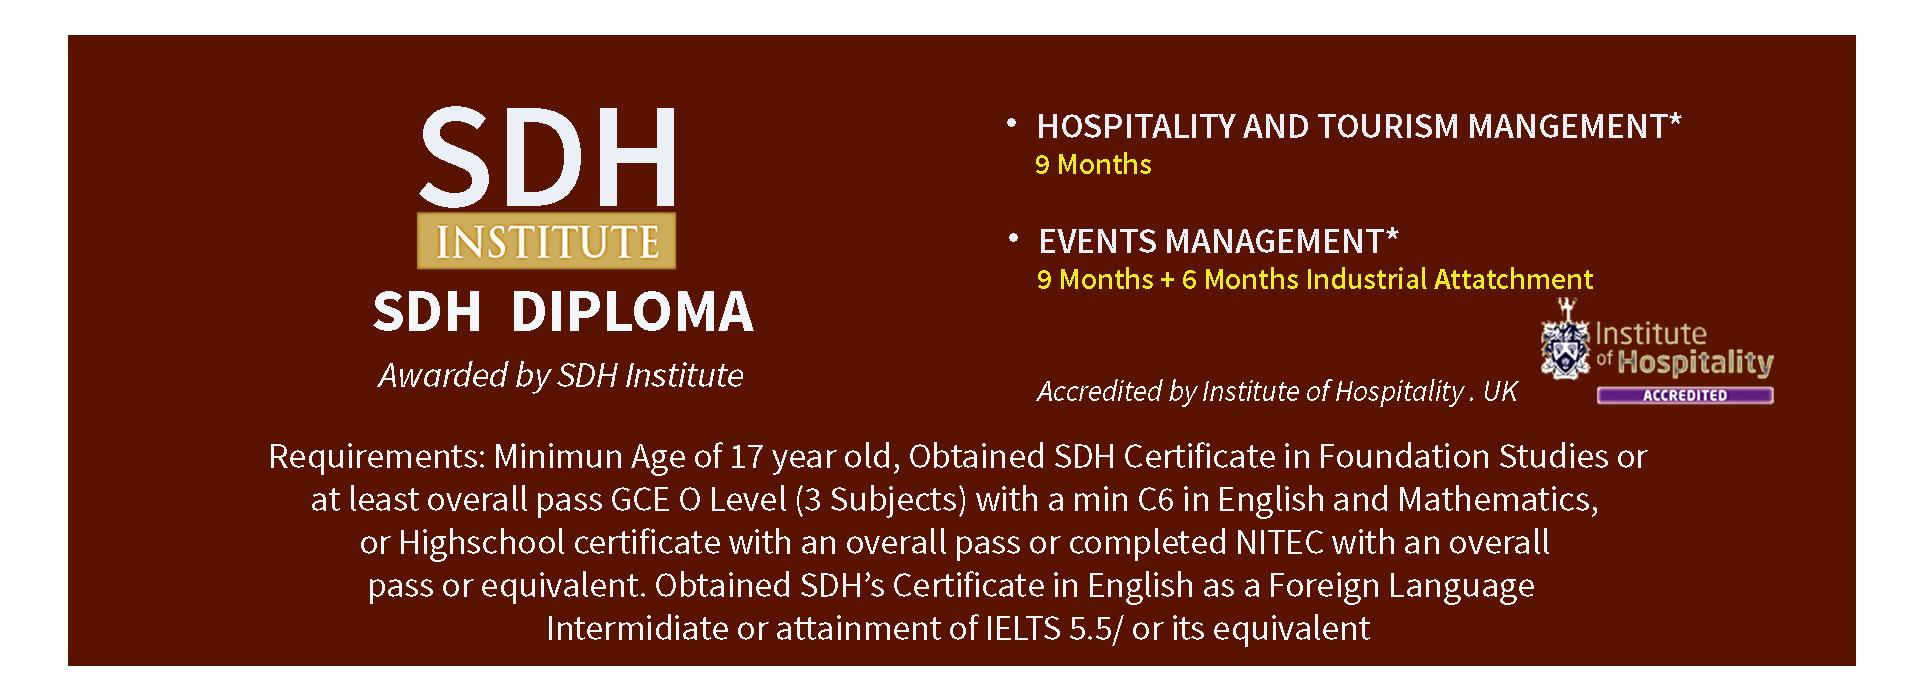 sdh-diploma